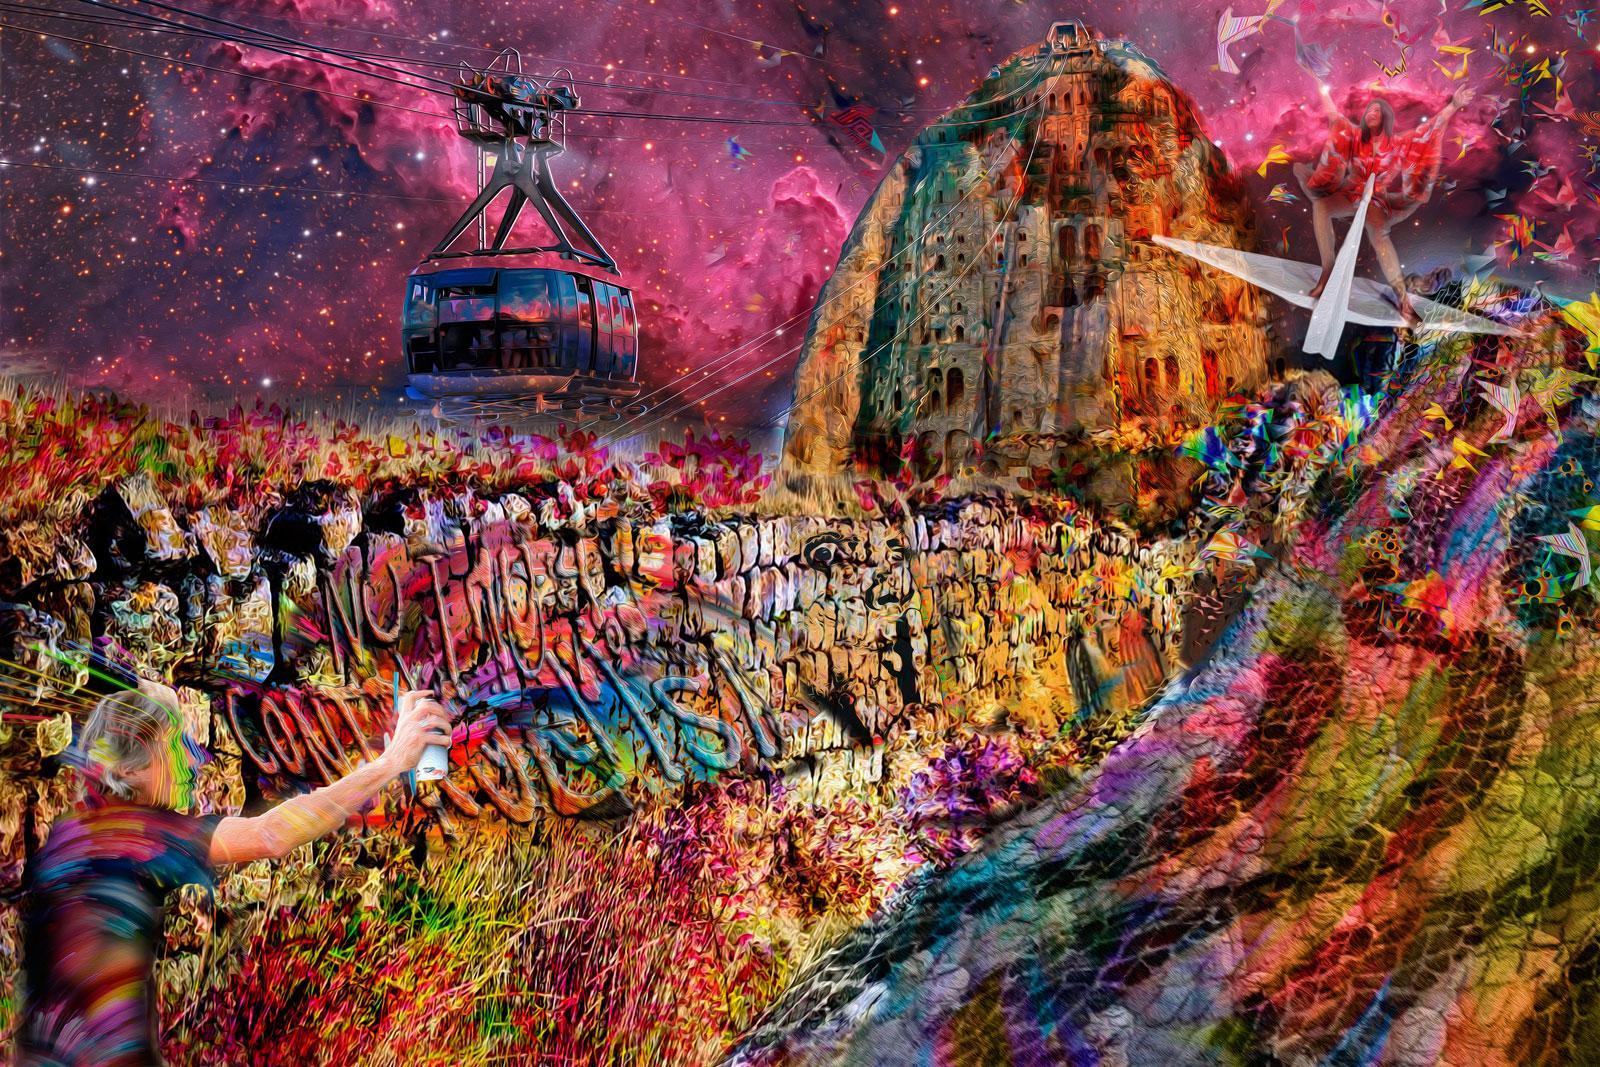 Tela Rio Wall - Artista Plástico e Psicanalista Henrique Vieira Filho